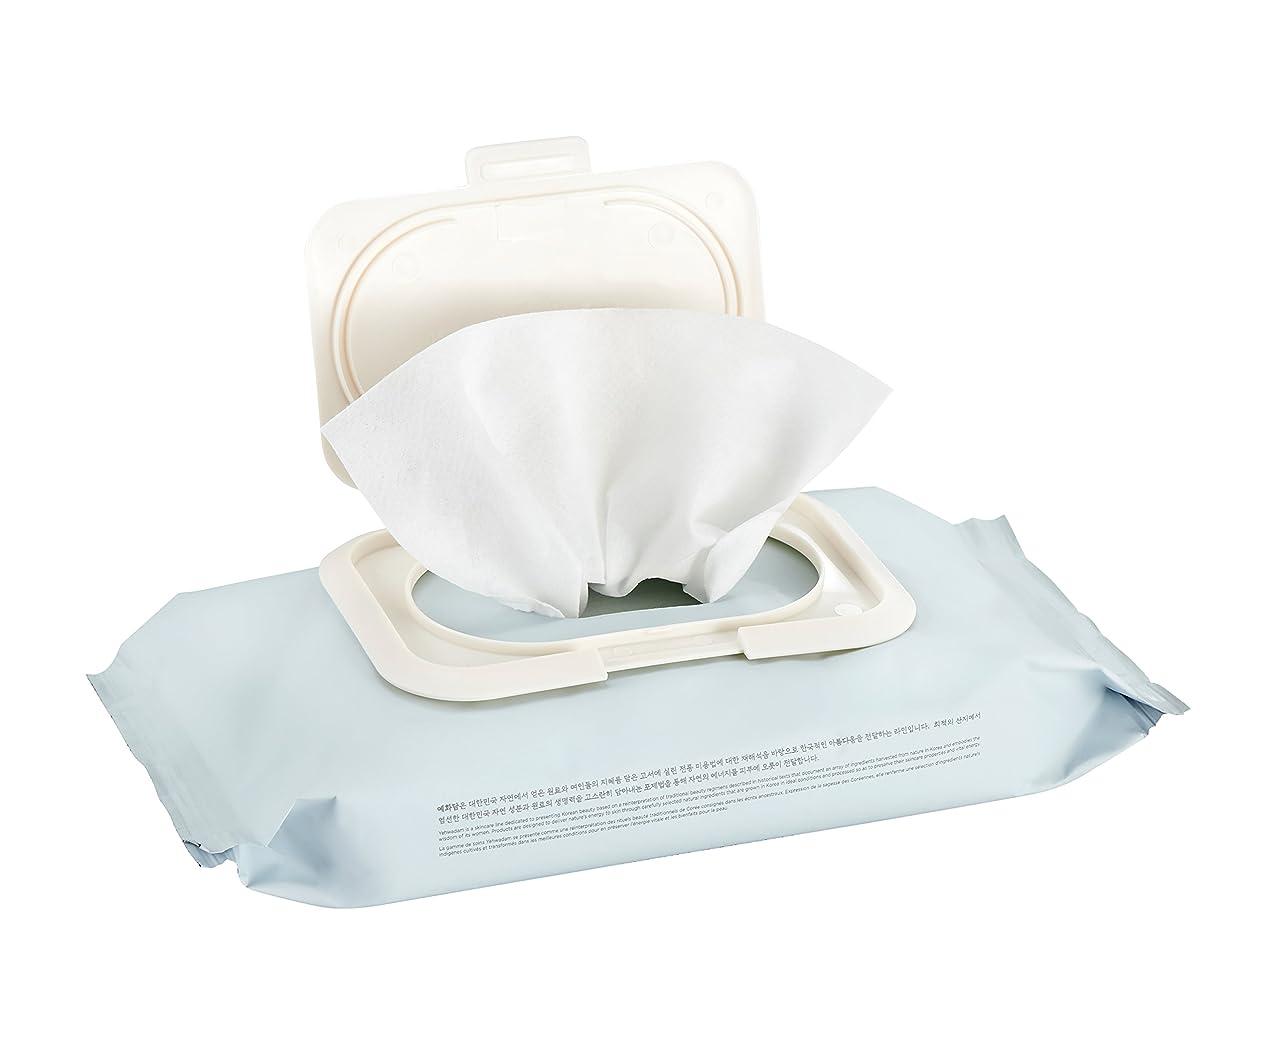 デモンストレーション電気技師ウミウシ[NEW] ザ?フェイスショップ イェファダム 高保湿クレンジングオイルティッシュ 50枚 / THE FACE SHOP Yehwadam High moisturizing cleansing oil tissue 50 sheets